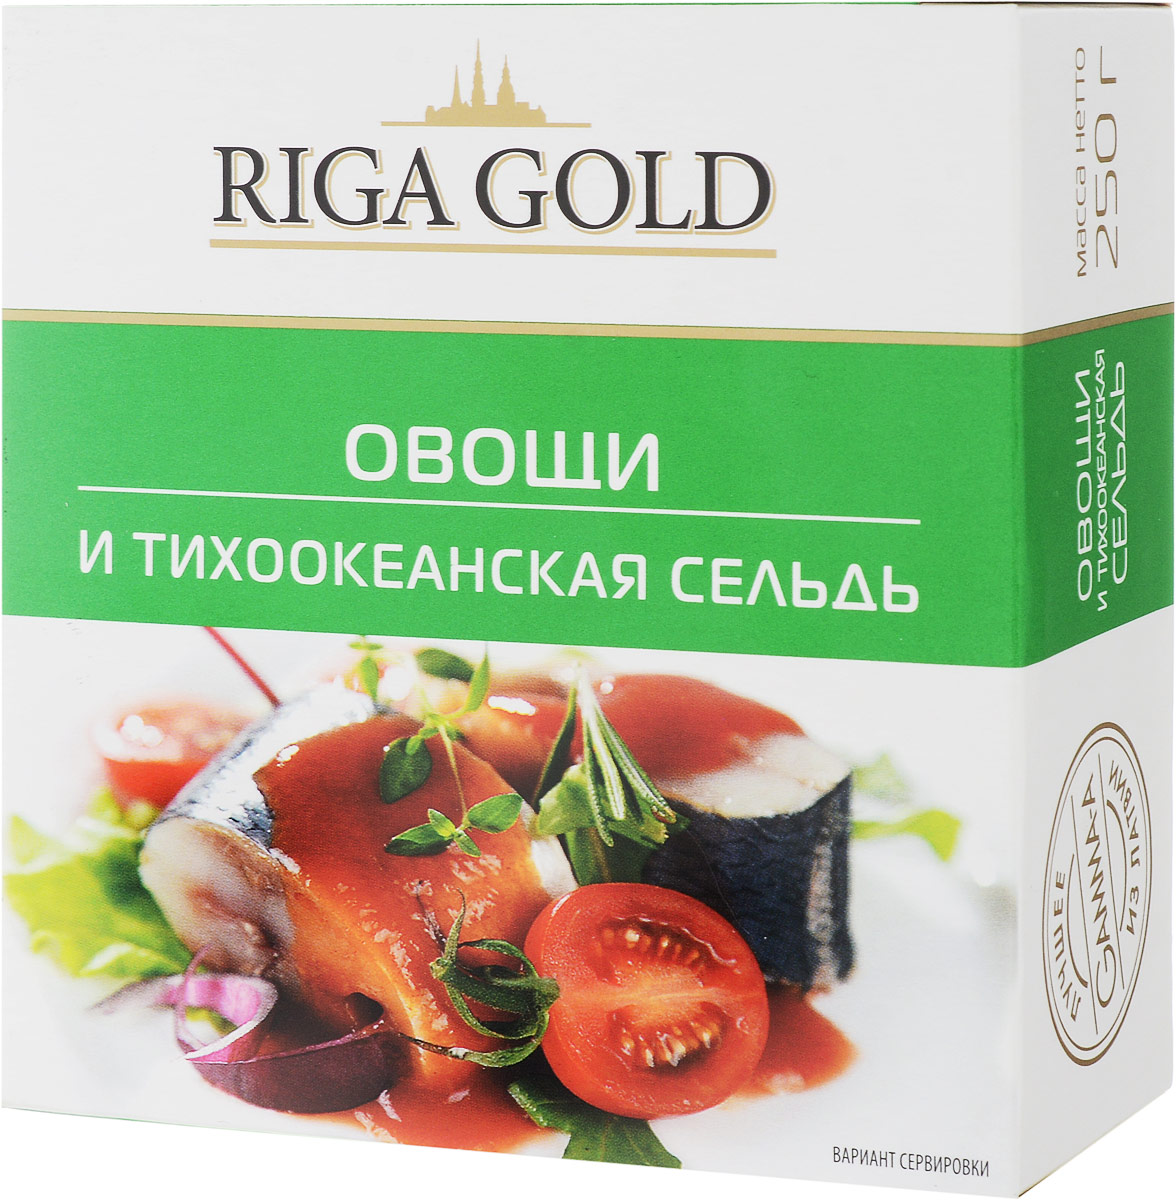 Рижское золото овощи и тихоокеанская сельдь, 250 г6180Главная специализация предприятия Рижское золото - изготовление высококачественных рыбных консервов. Секрет производства высококачественной продукции прост - в основном работа идет со свежевыловленной рыбой, рыба нанизывается на вертела вручную, коптится на ольховой стружке, укладывается в банки вручную.Собственное производство жестяной упаковки для консервов добавляет стабильности качеству и дает дополнительную гарантию высоких стандартов производимой продукции.